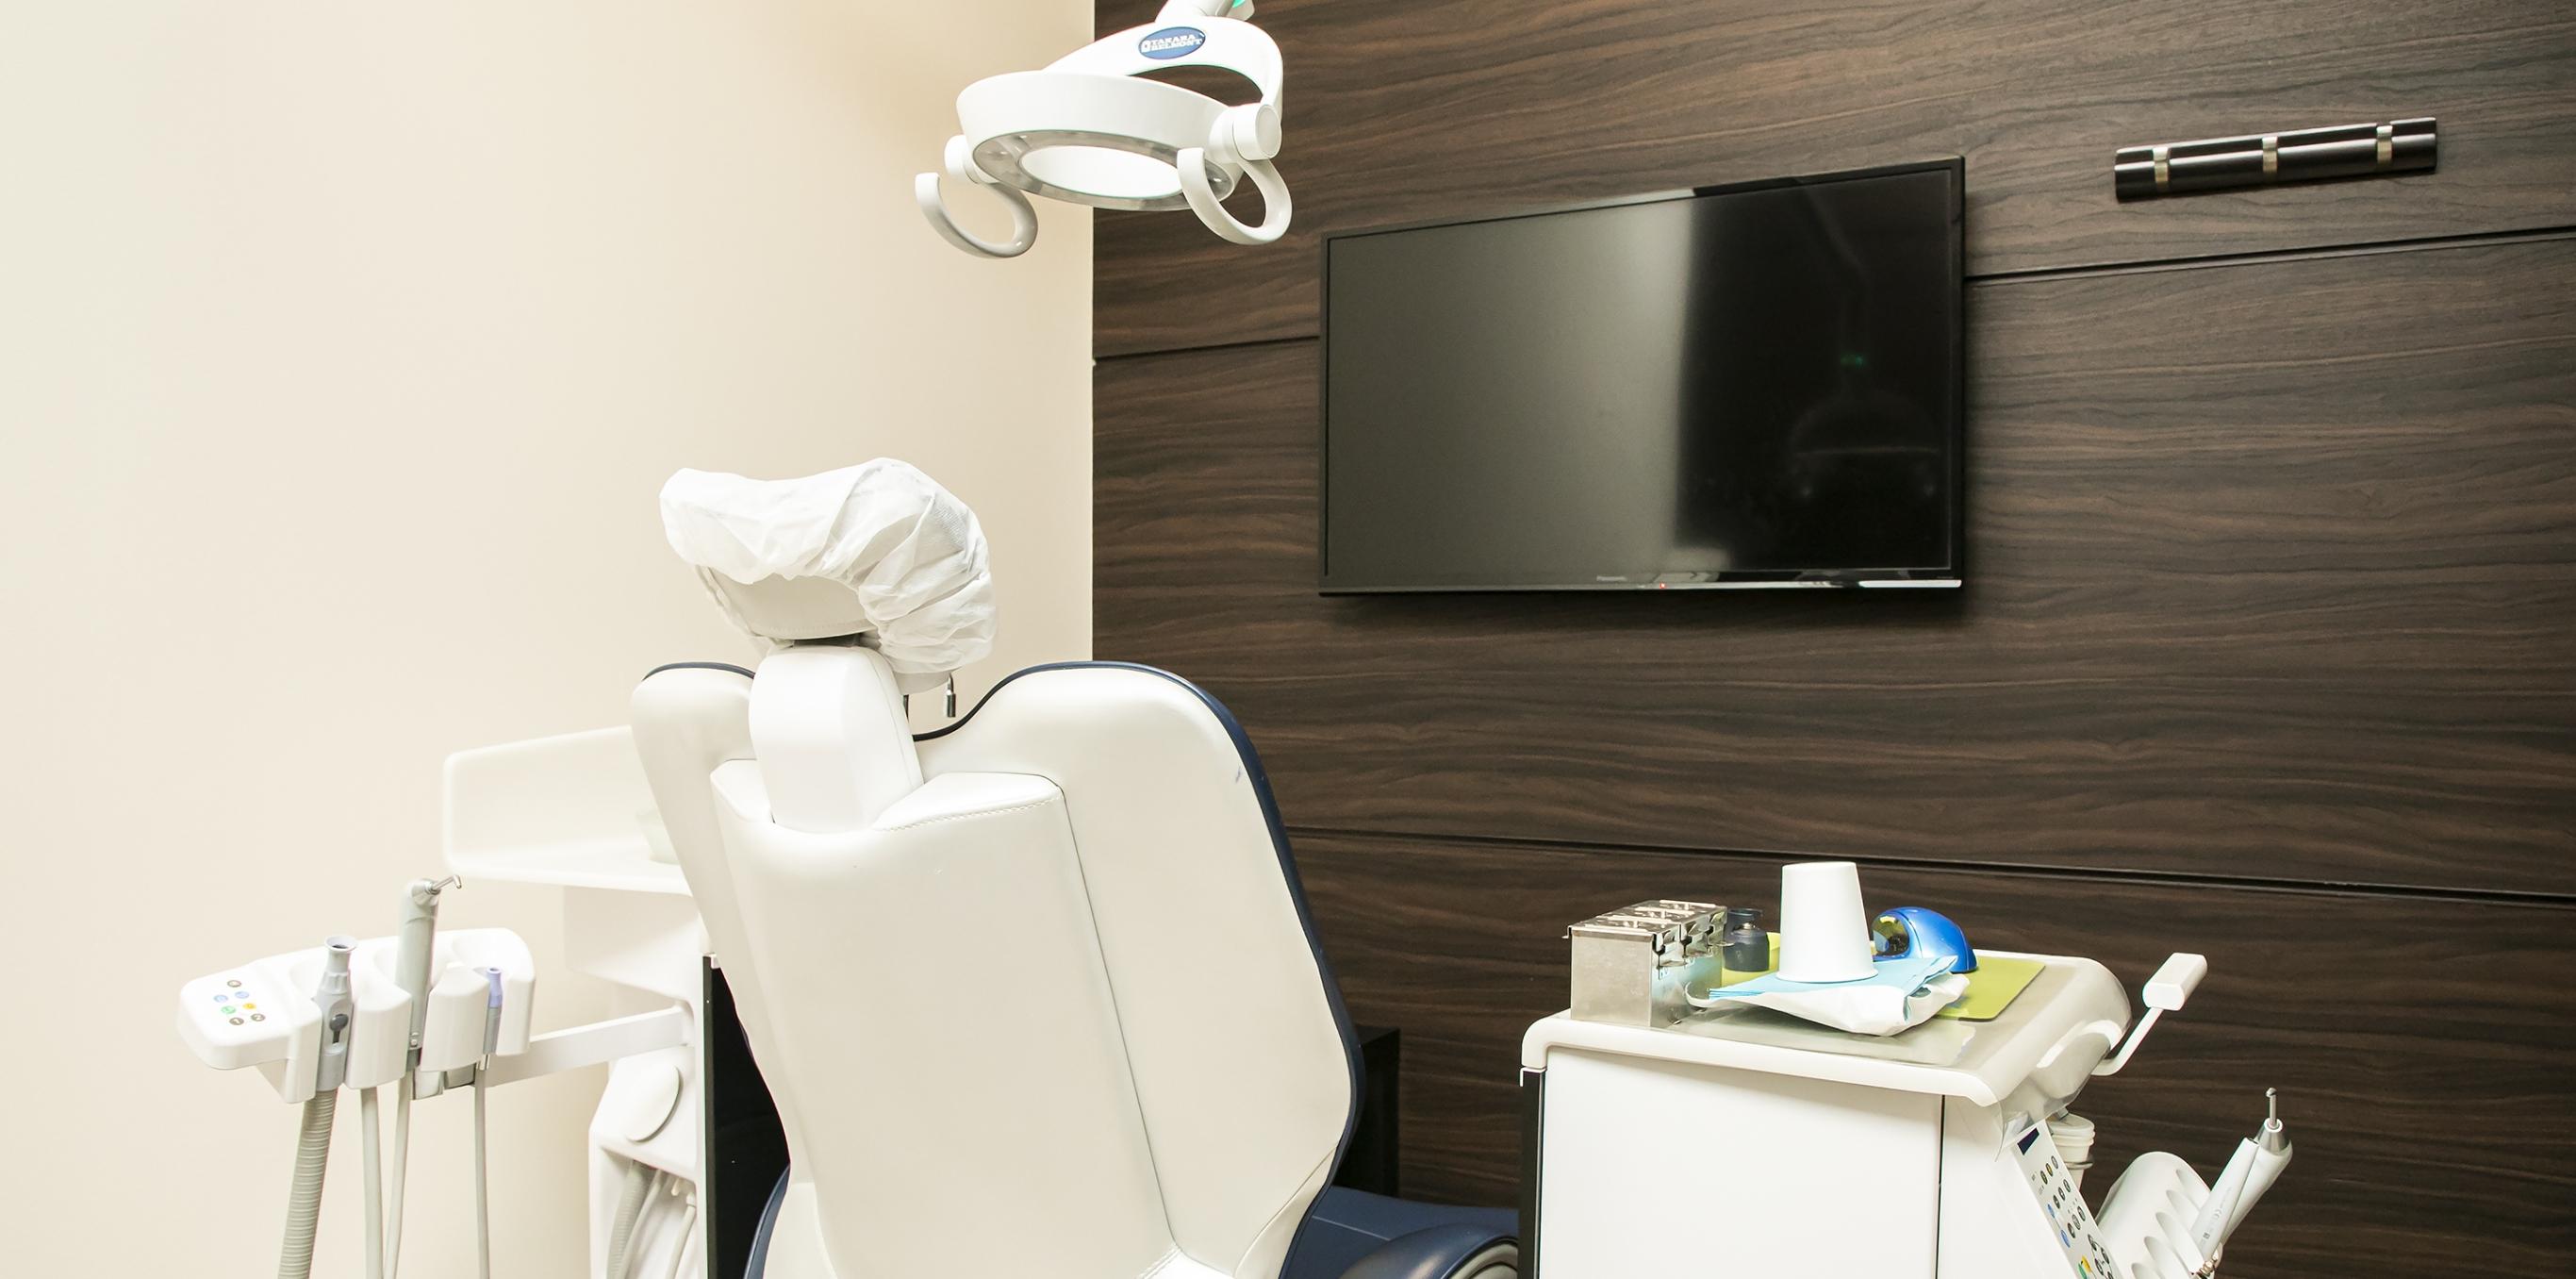 ワンランク上の総合歯科診療